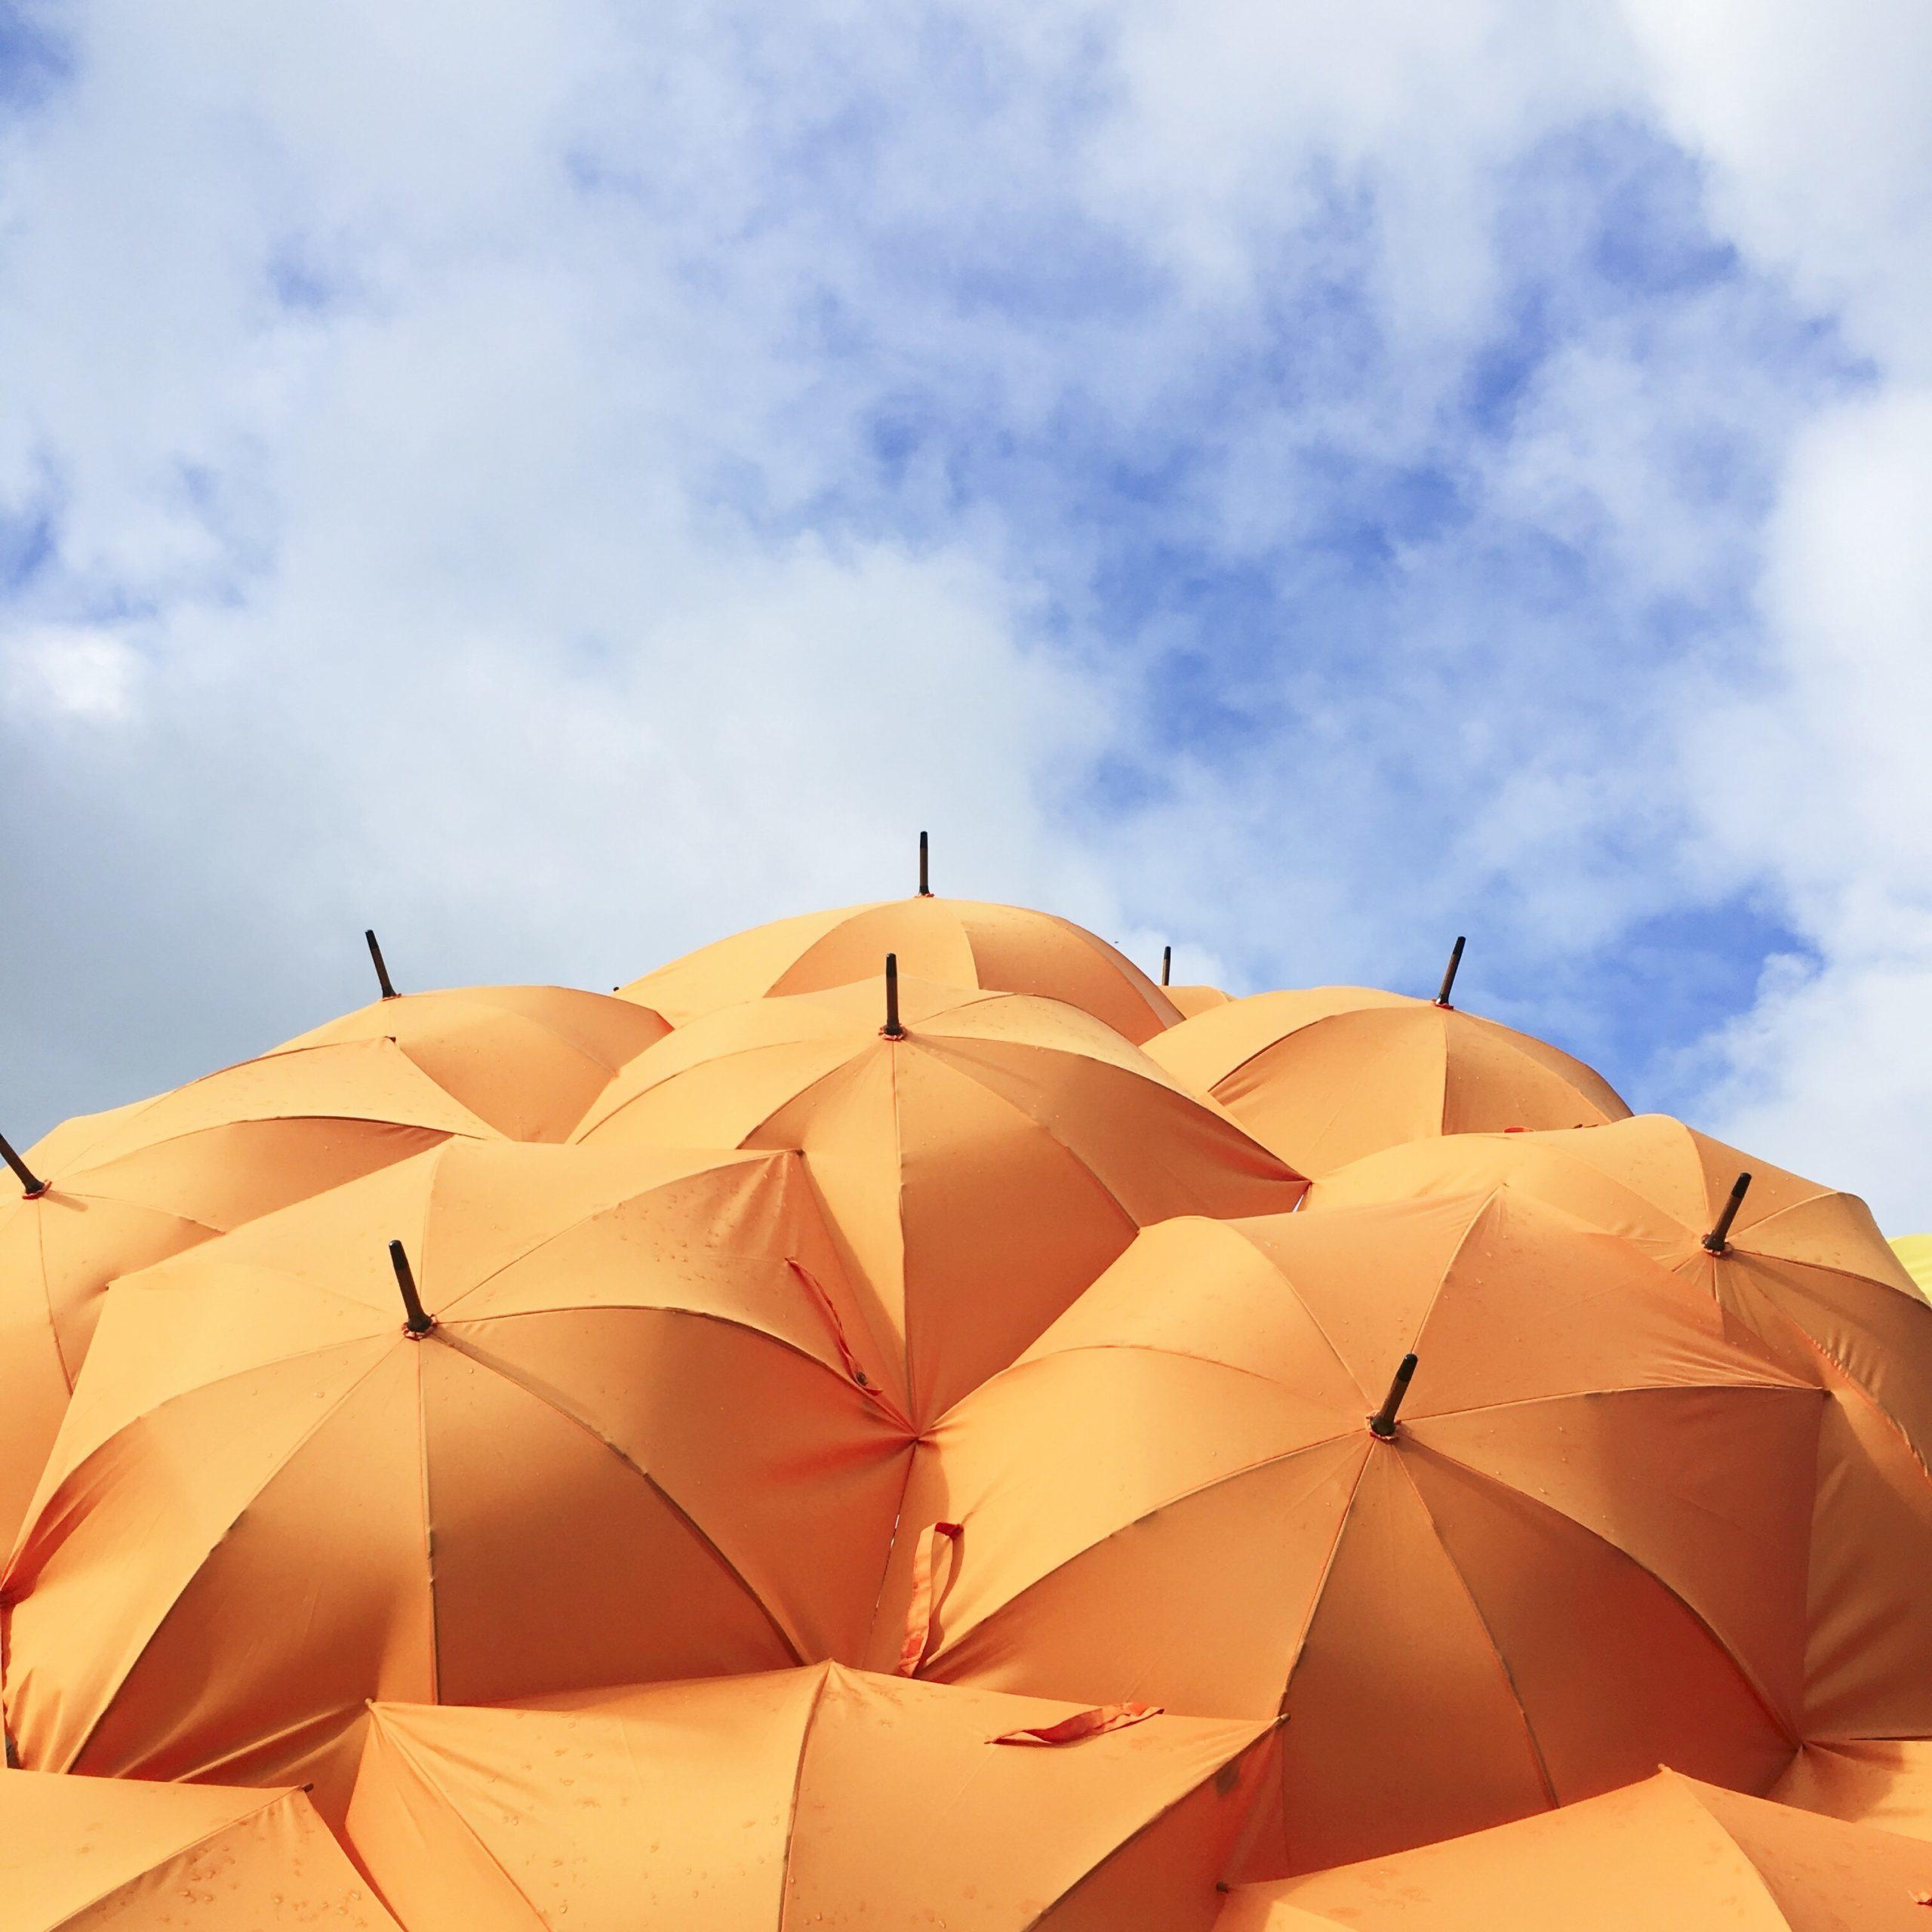 orange umbrella lot